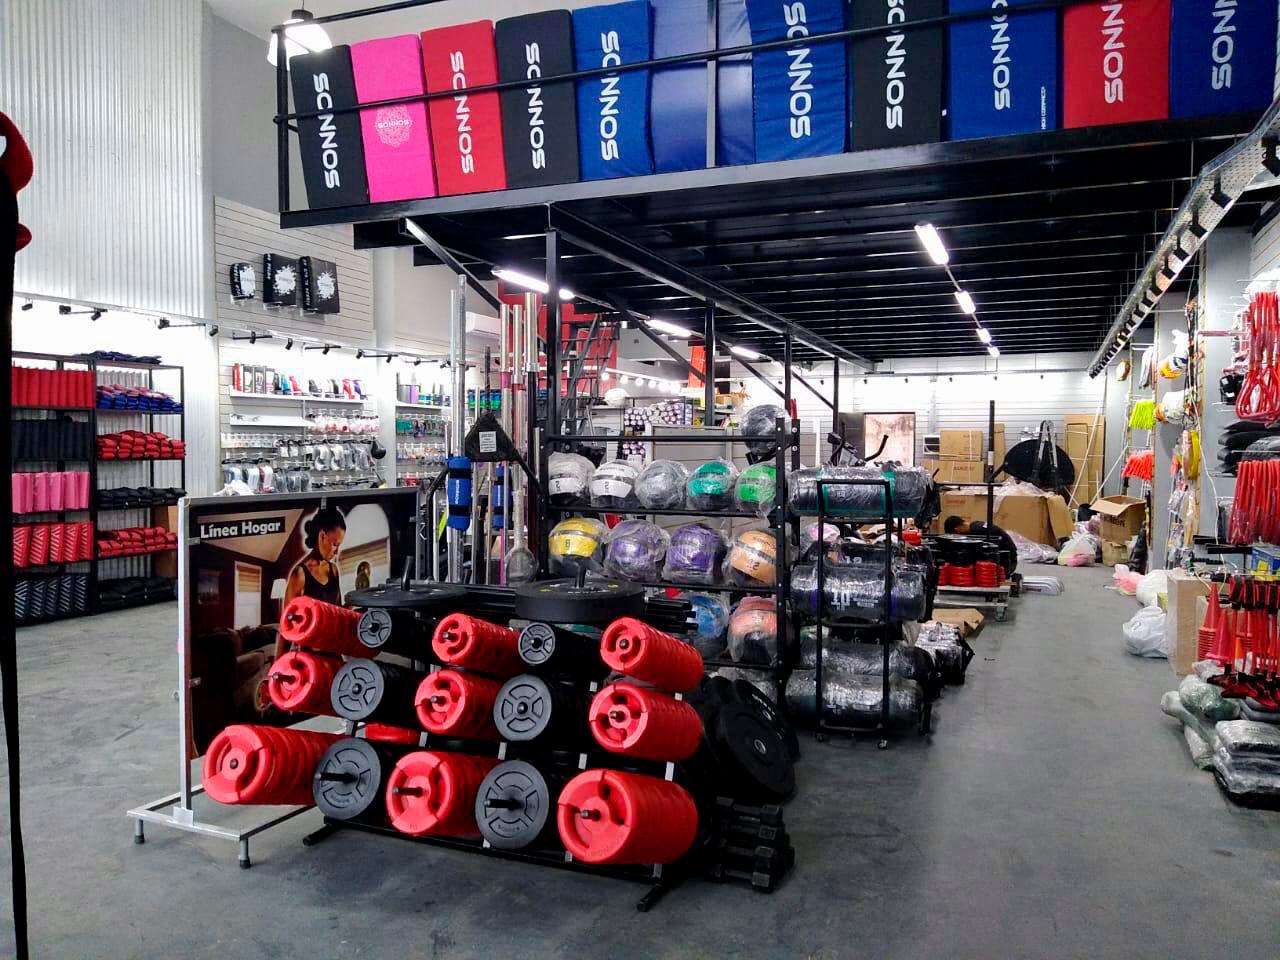 Sonnos inauguró una tienda de fitness en Canning